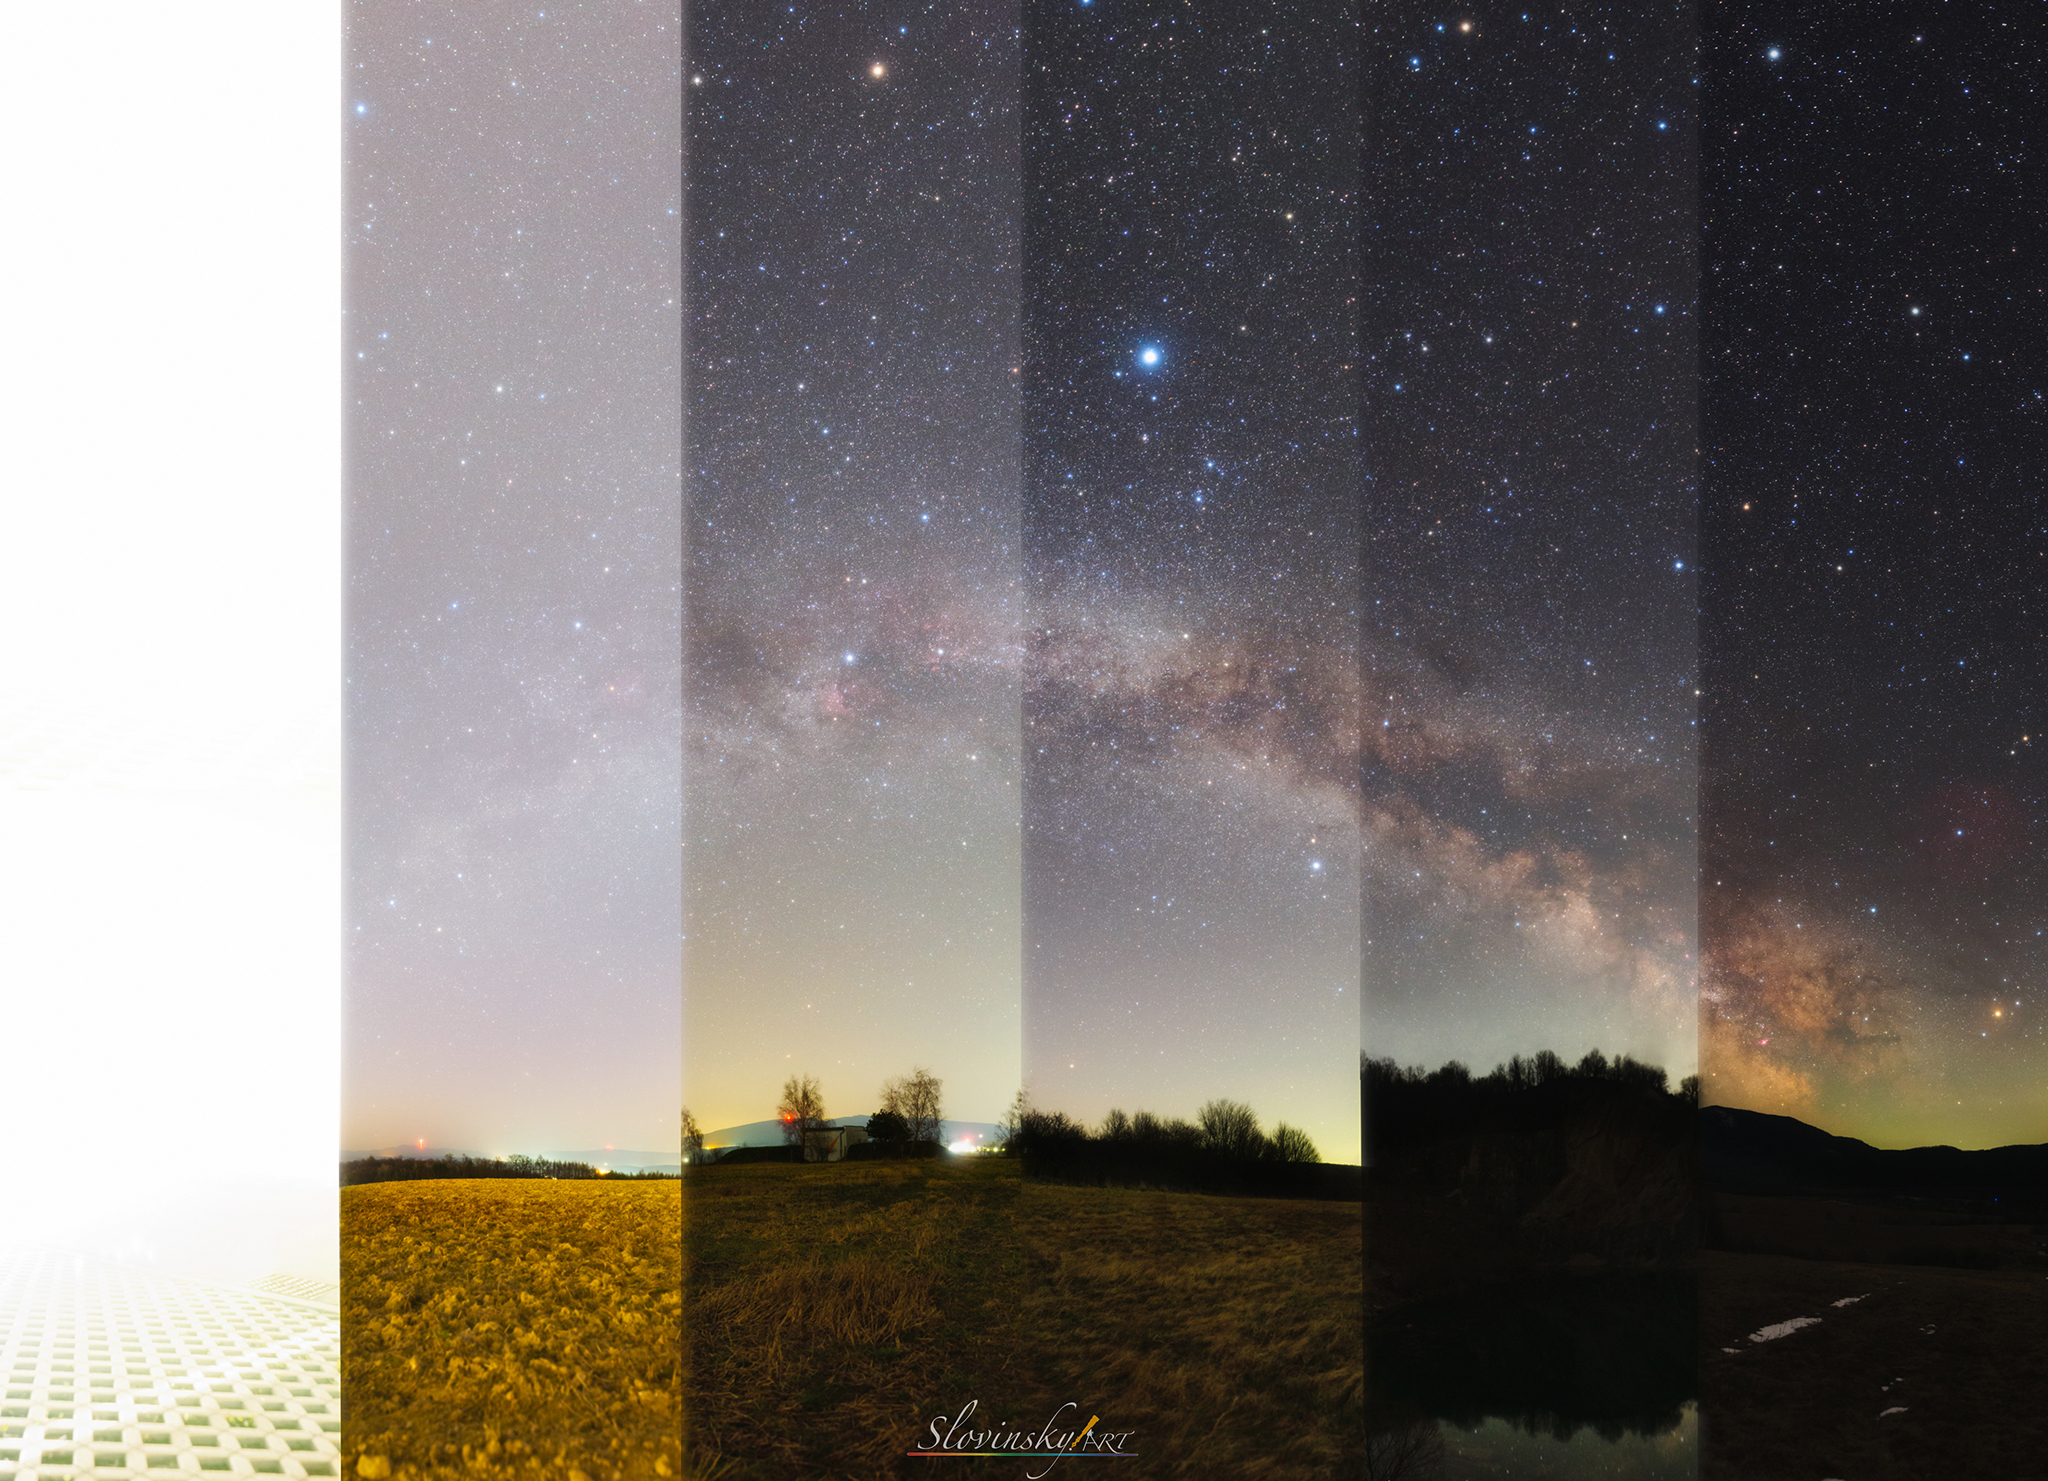 Country Sky versus City Sky